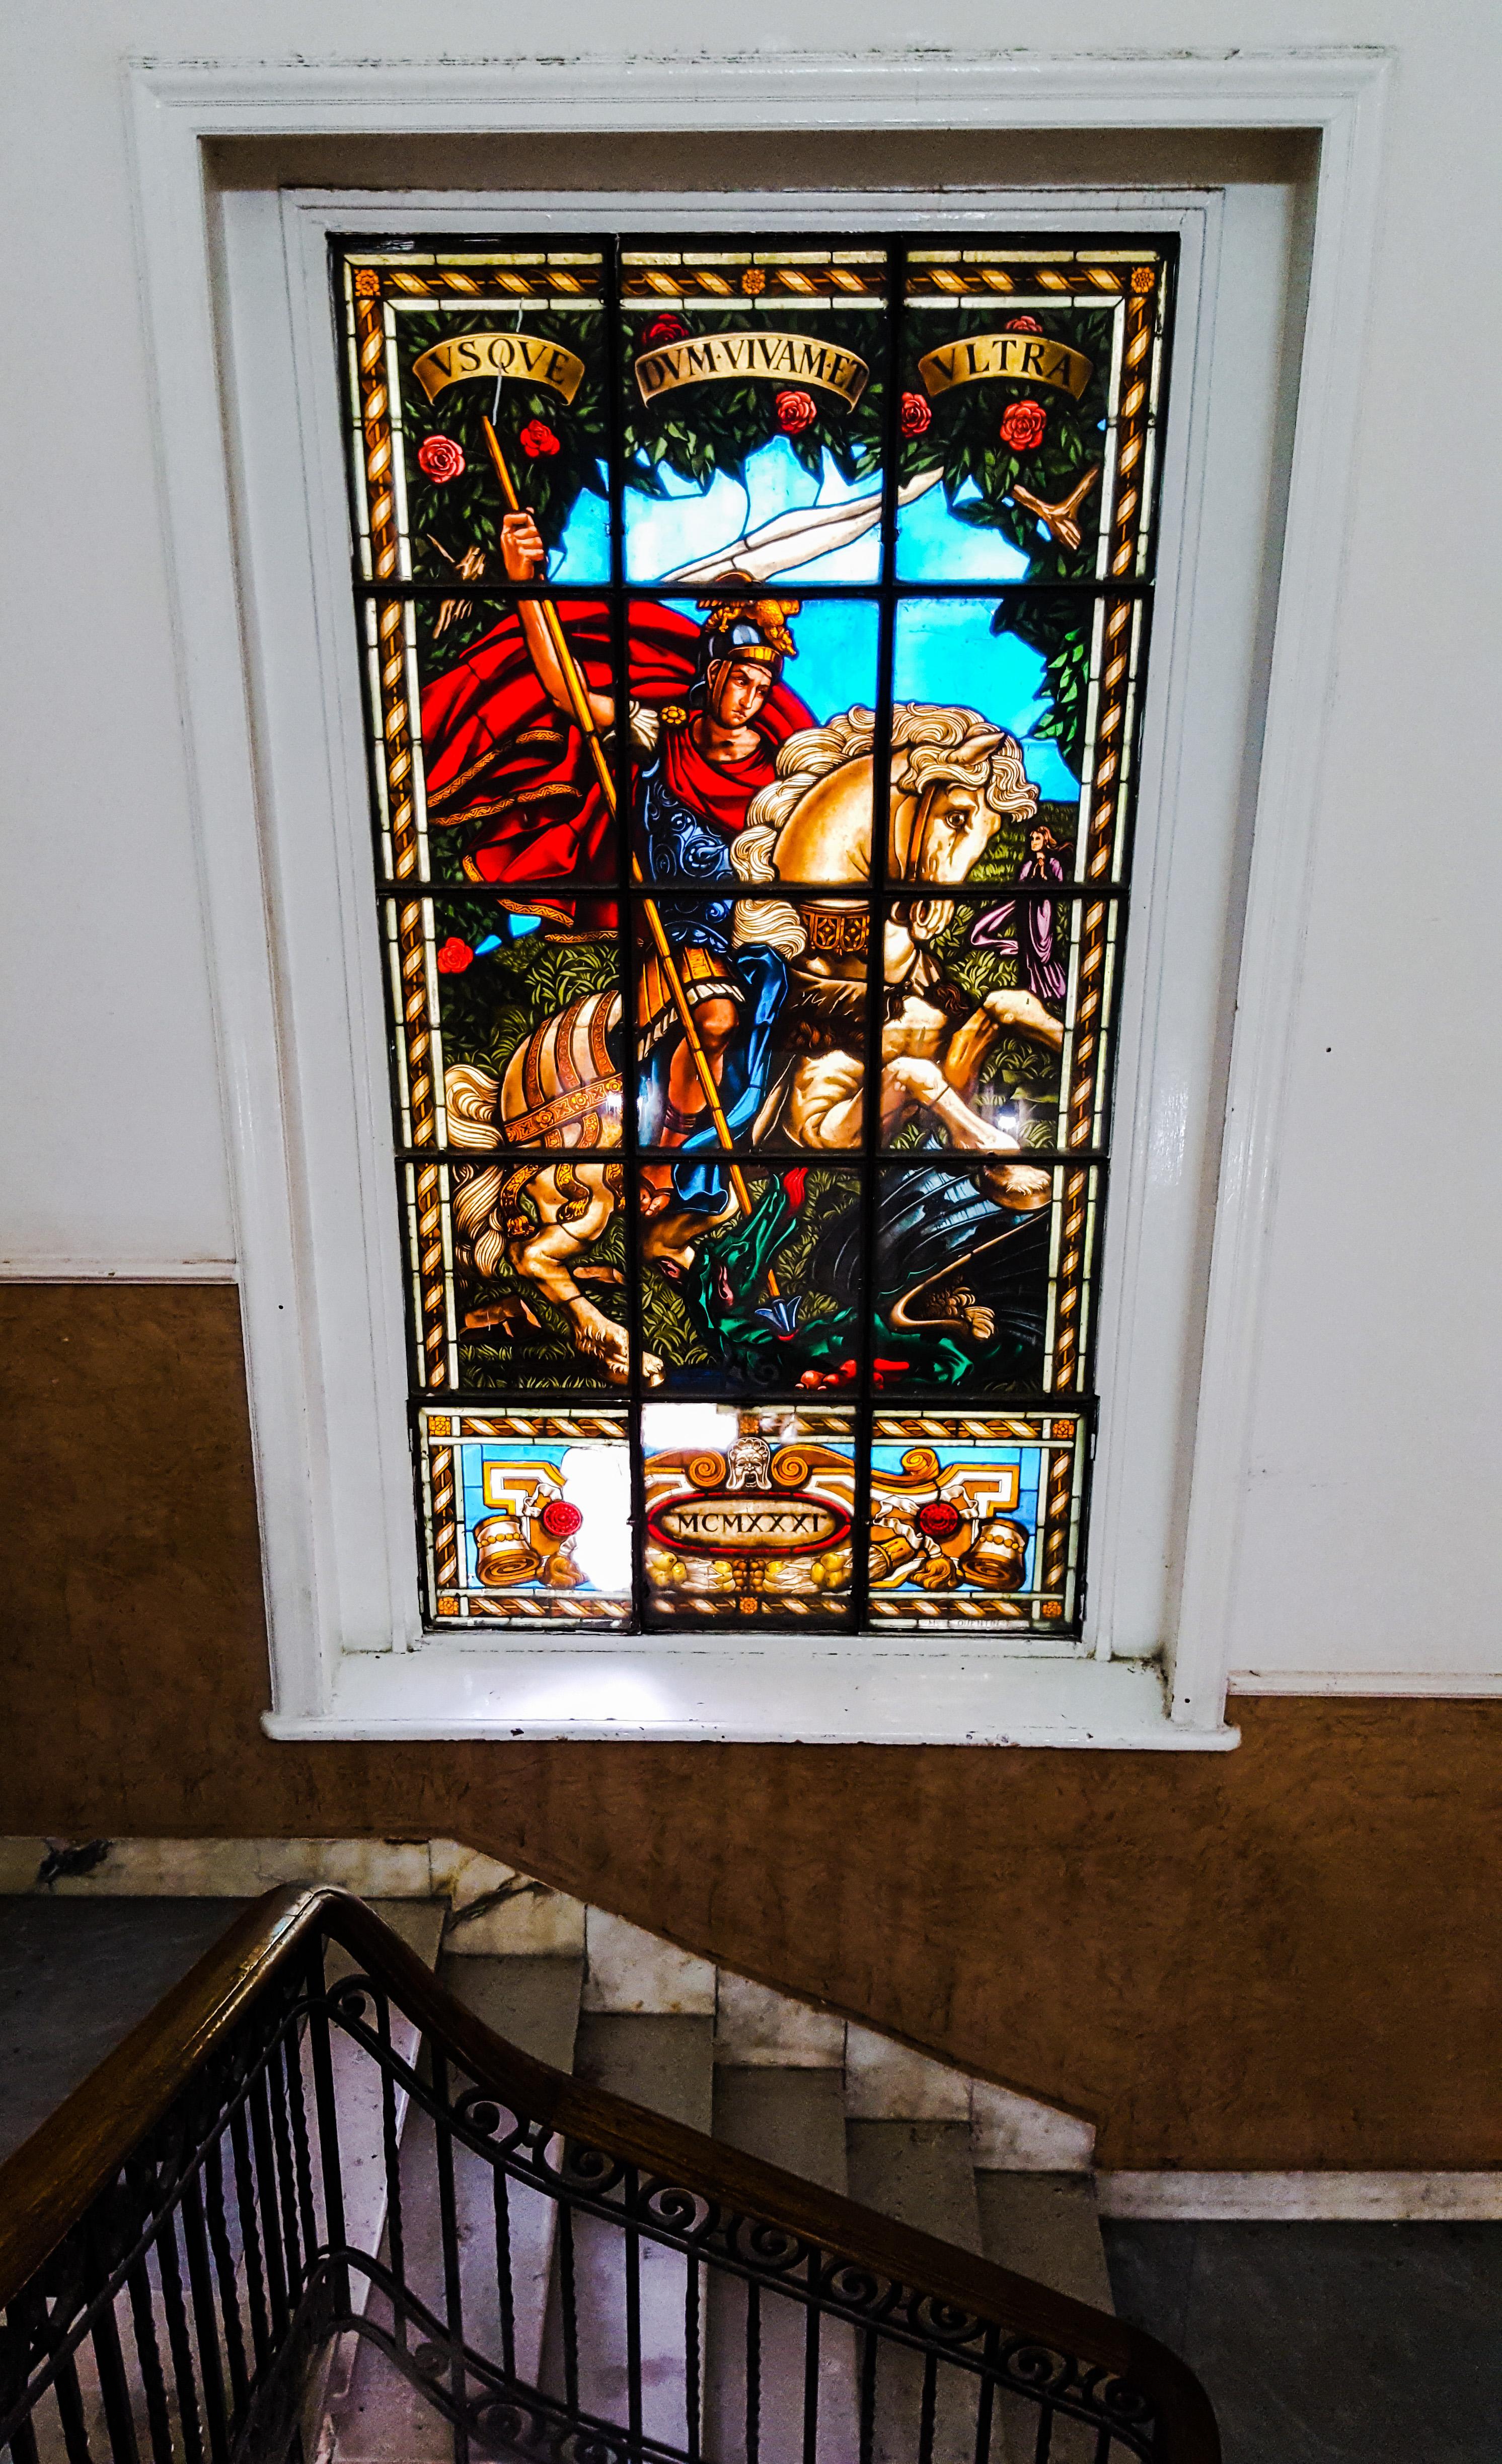 نافذة ملونة تمثل لوحة لمار جرجس - تصوير: ميشيل حنا